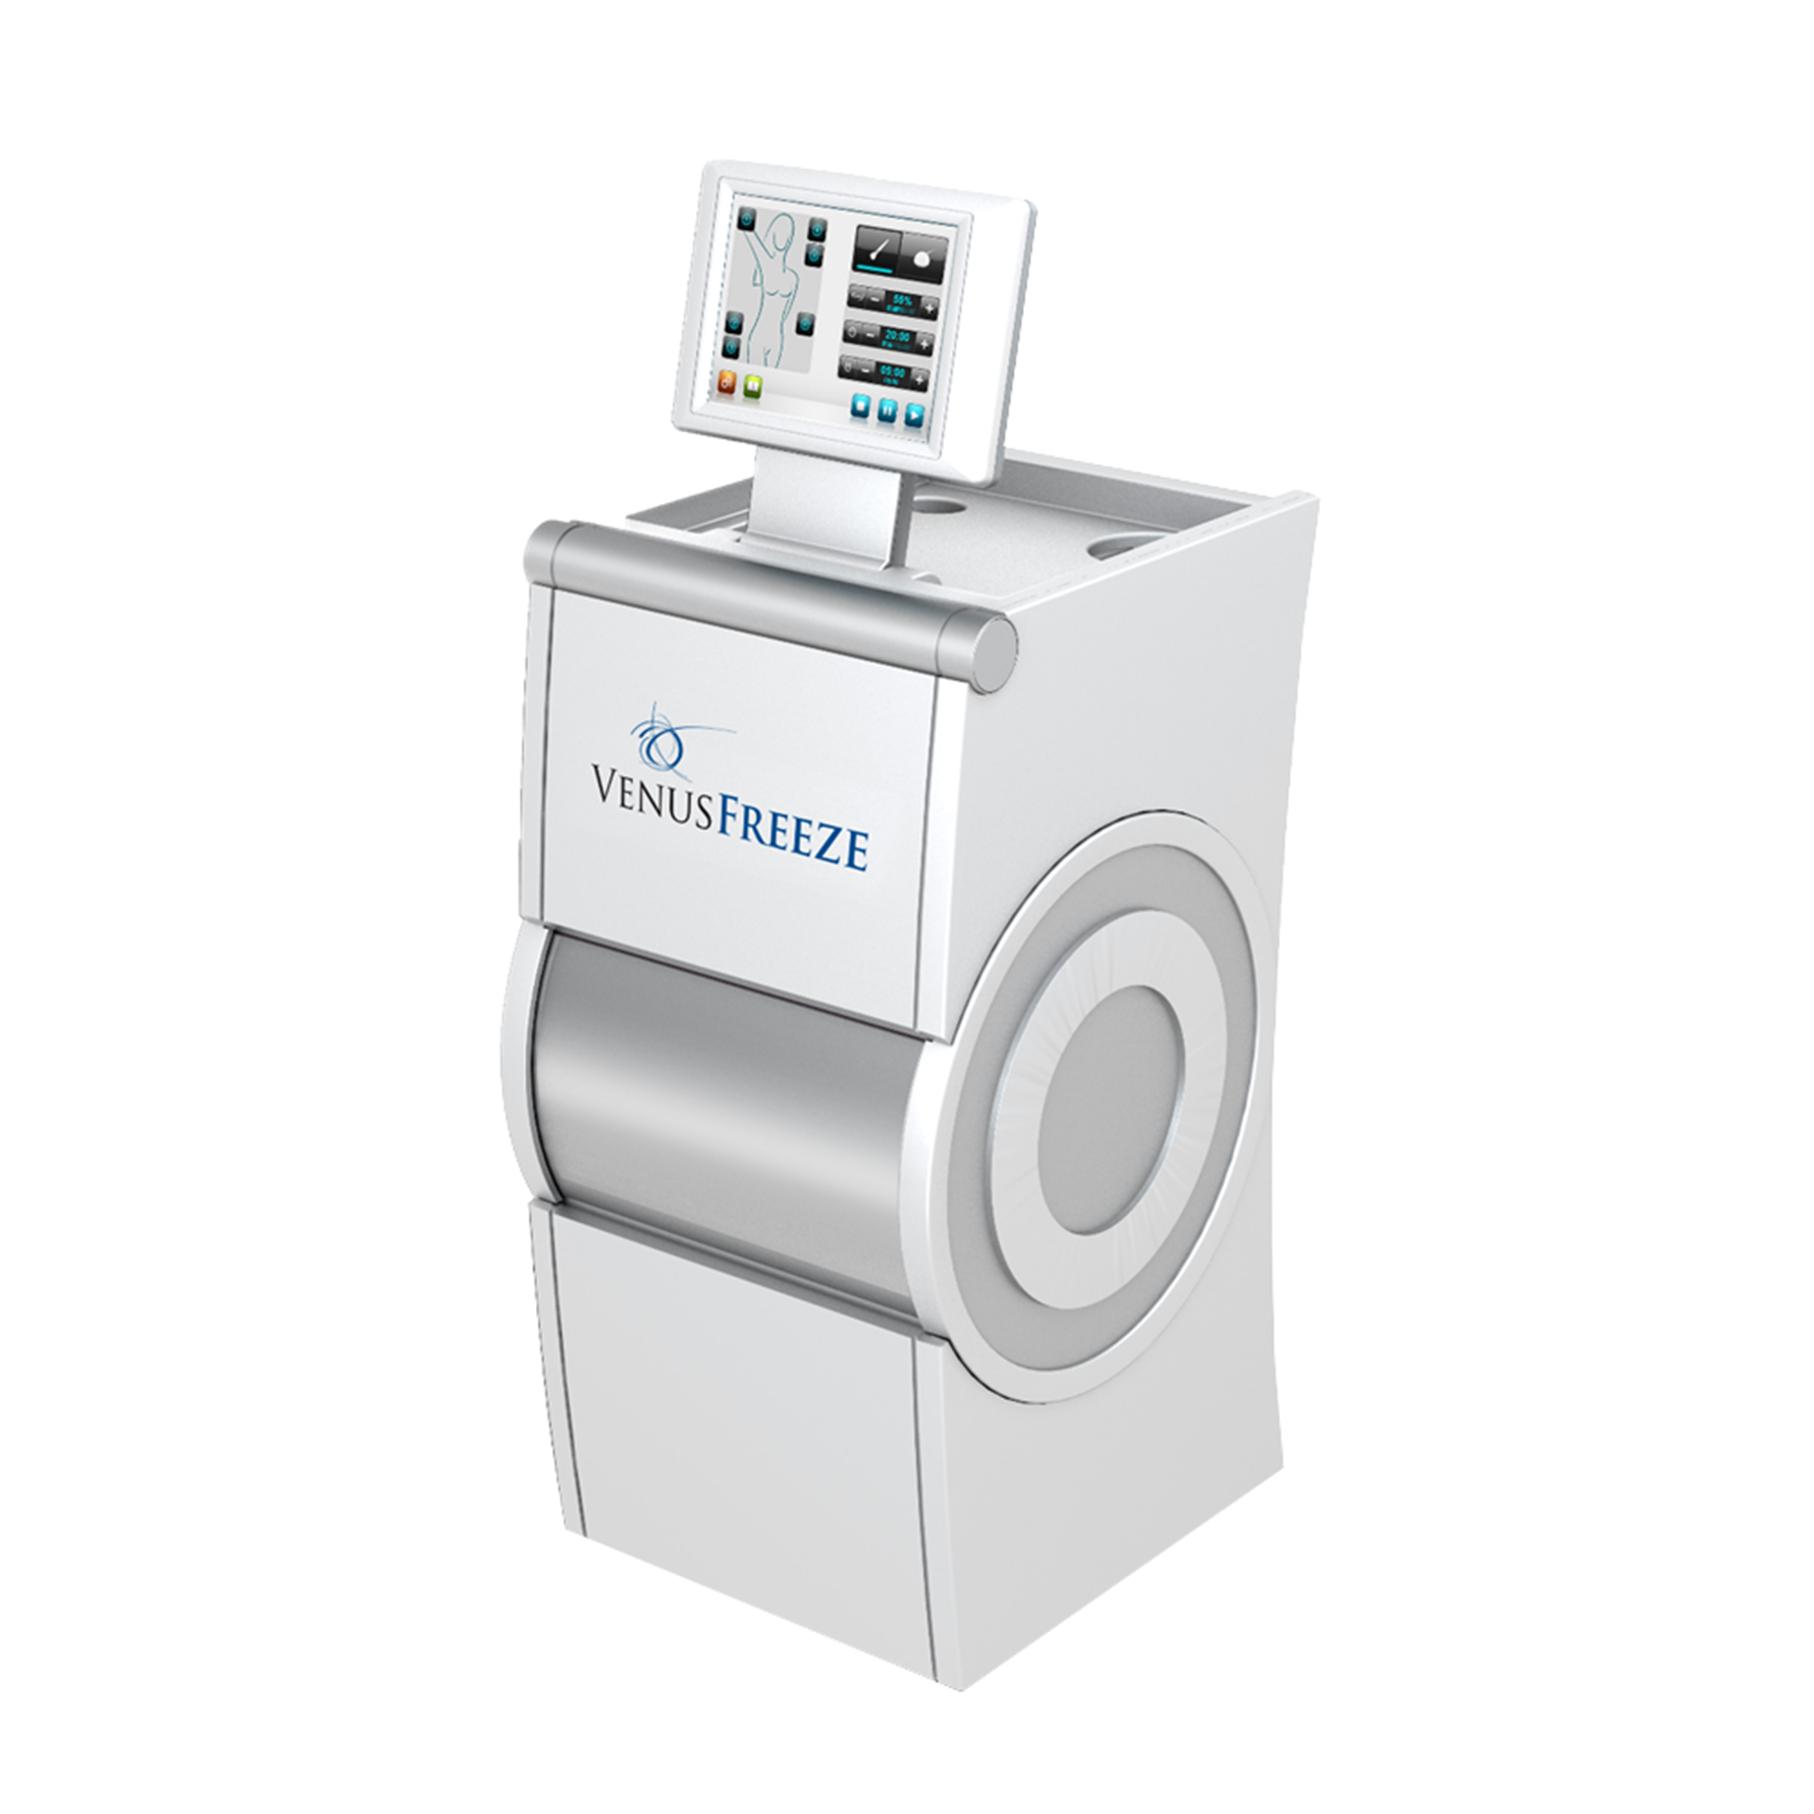 FREEZE多级射频磁雕仪 提拉紧致 热提拉 多级射频 强磁脉冲 减脂减围 嫩肤除皱